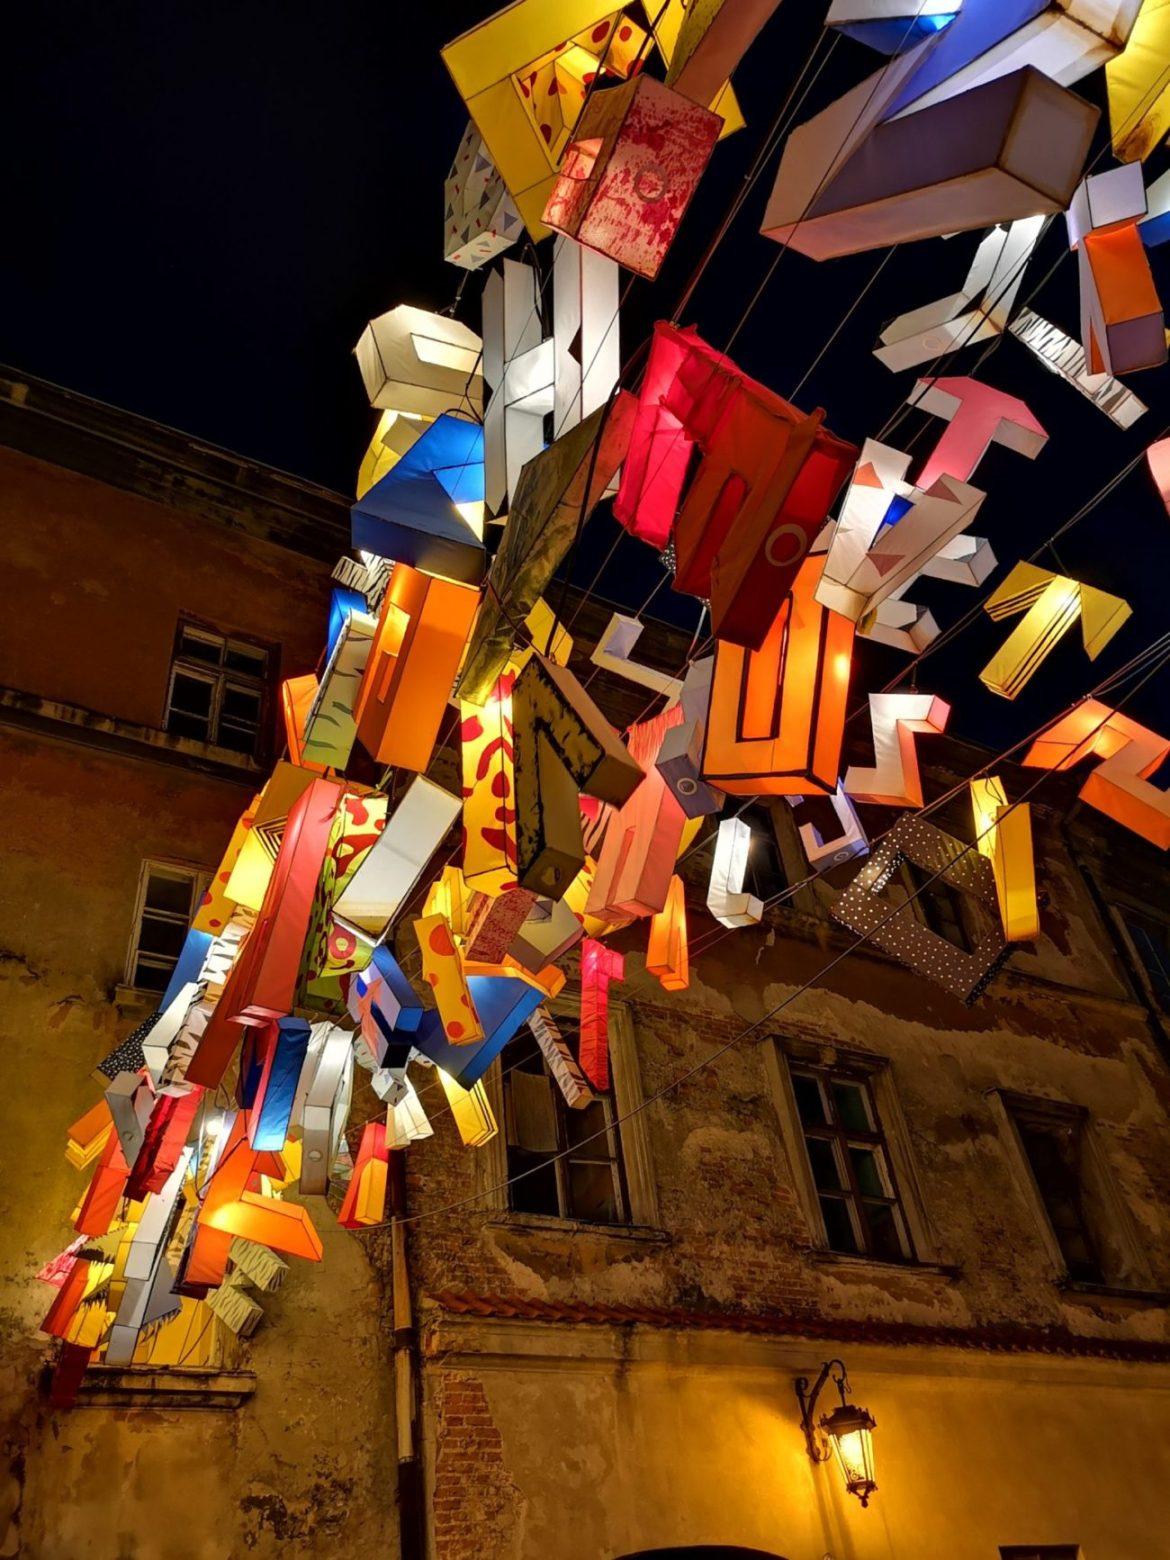 Litery lublin stare miasto nocą co zwiedzić w lublinie w weekend instalacje artystyczne